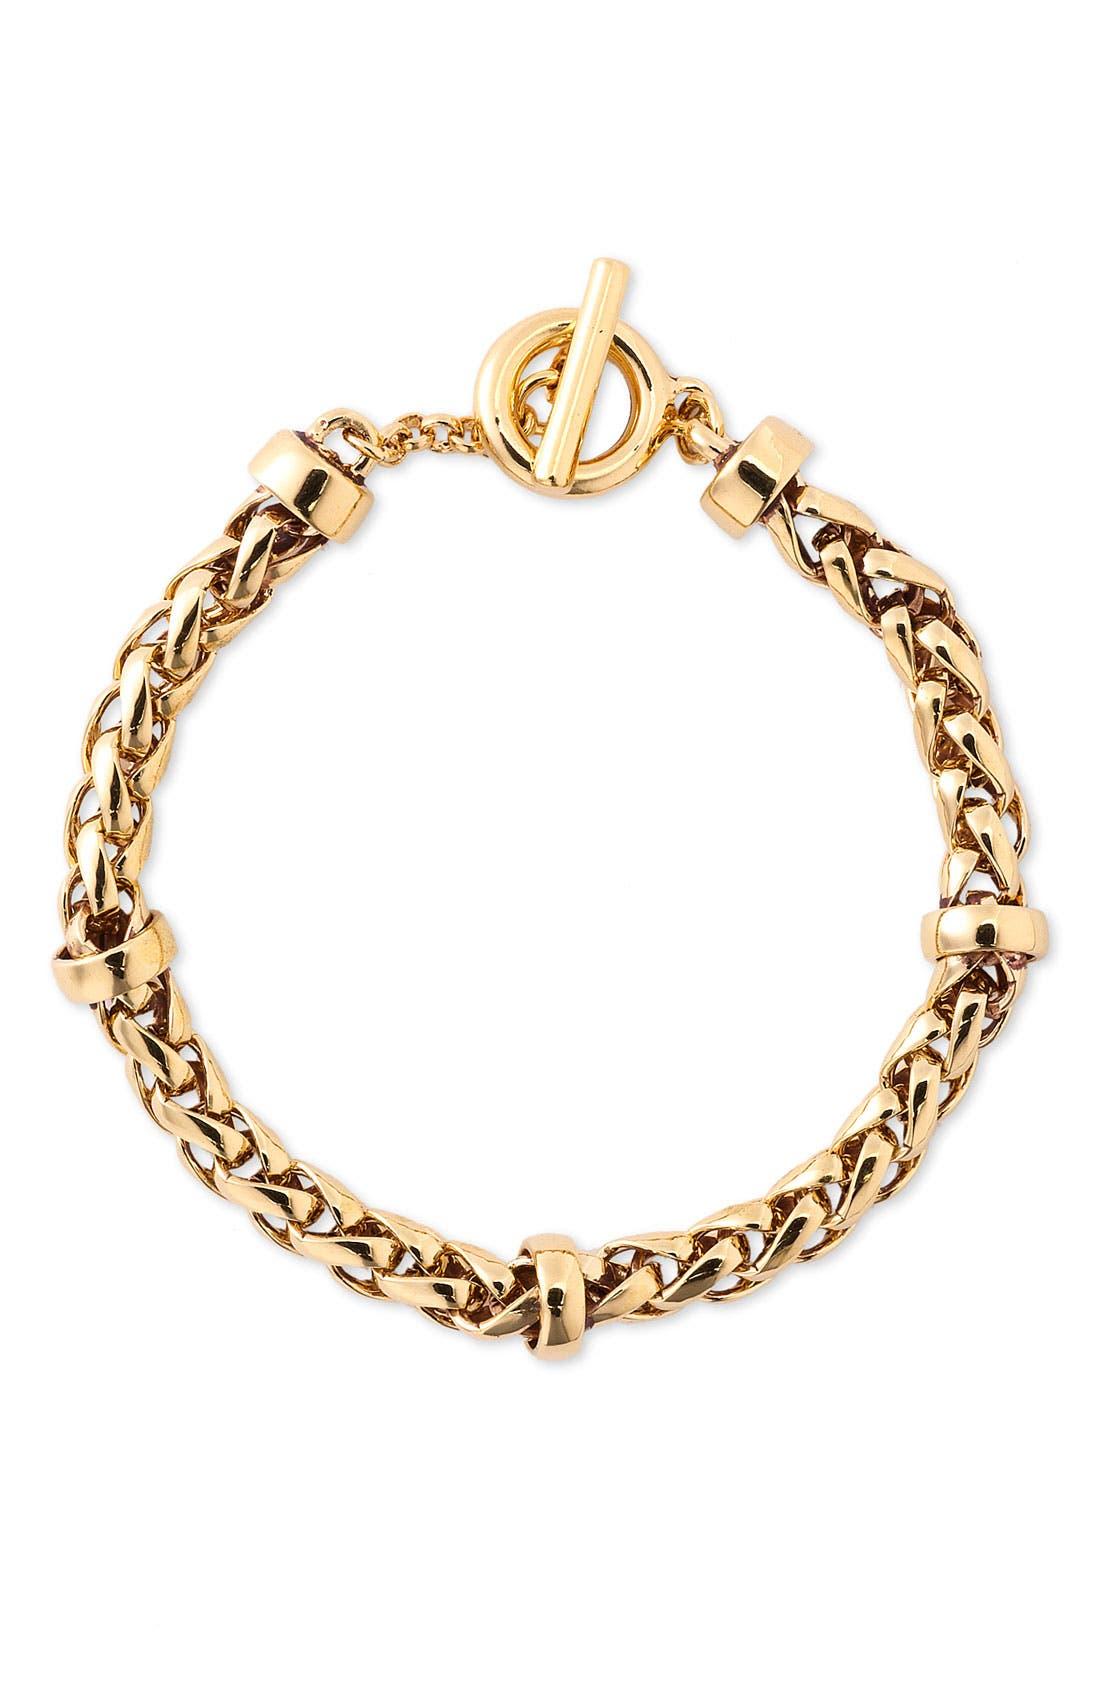 Alternate Image 1 Selected - Lauren by Ralph Lauren Braided Chain Bracelet